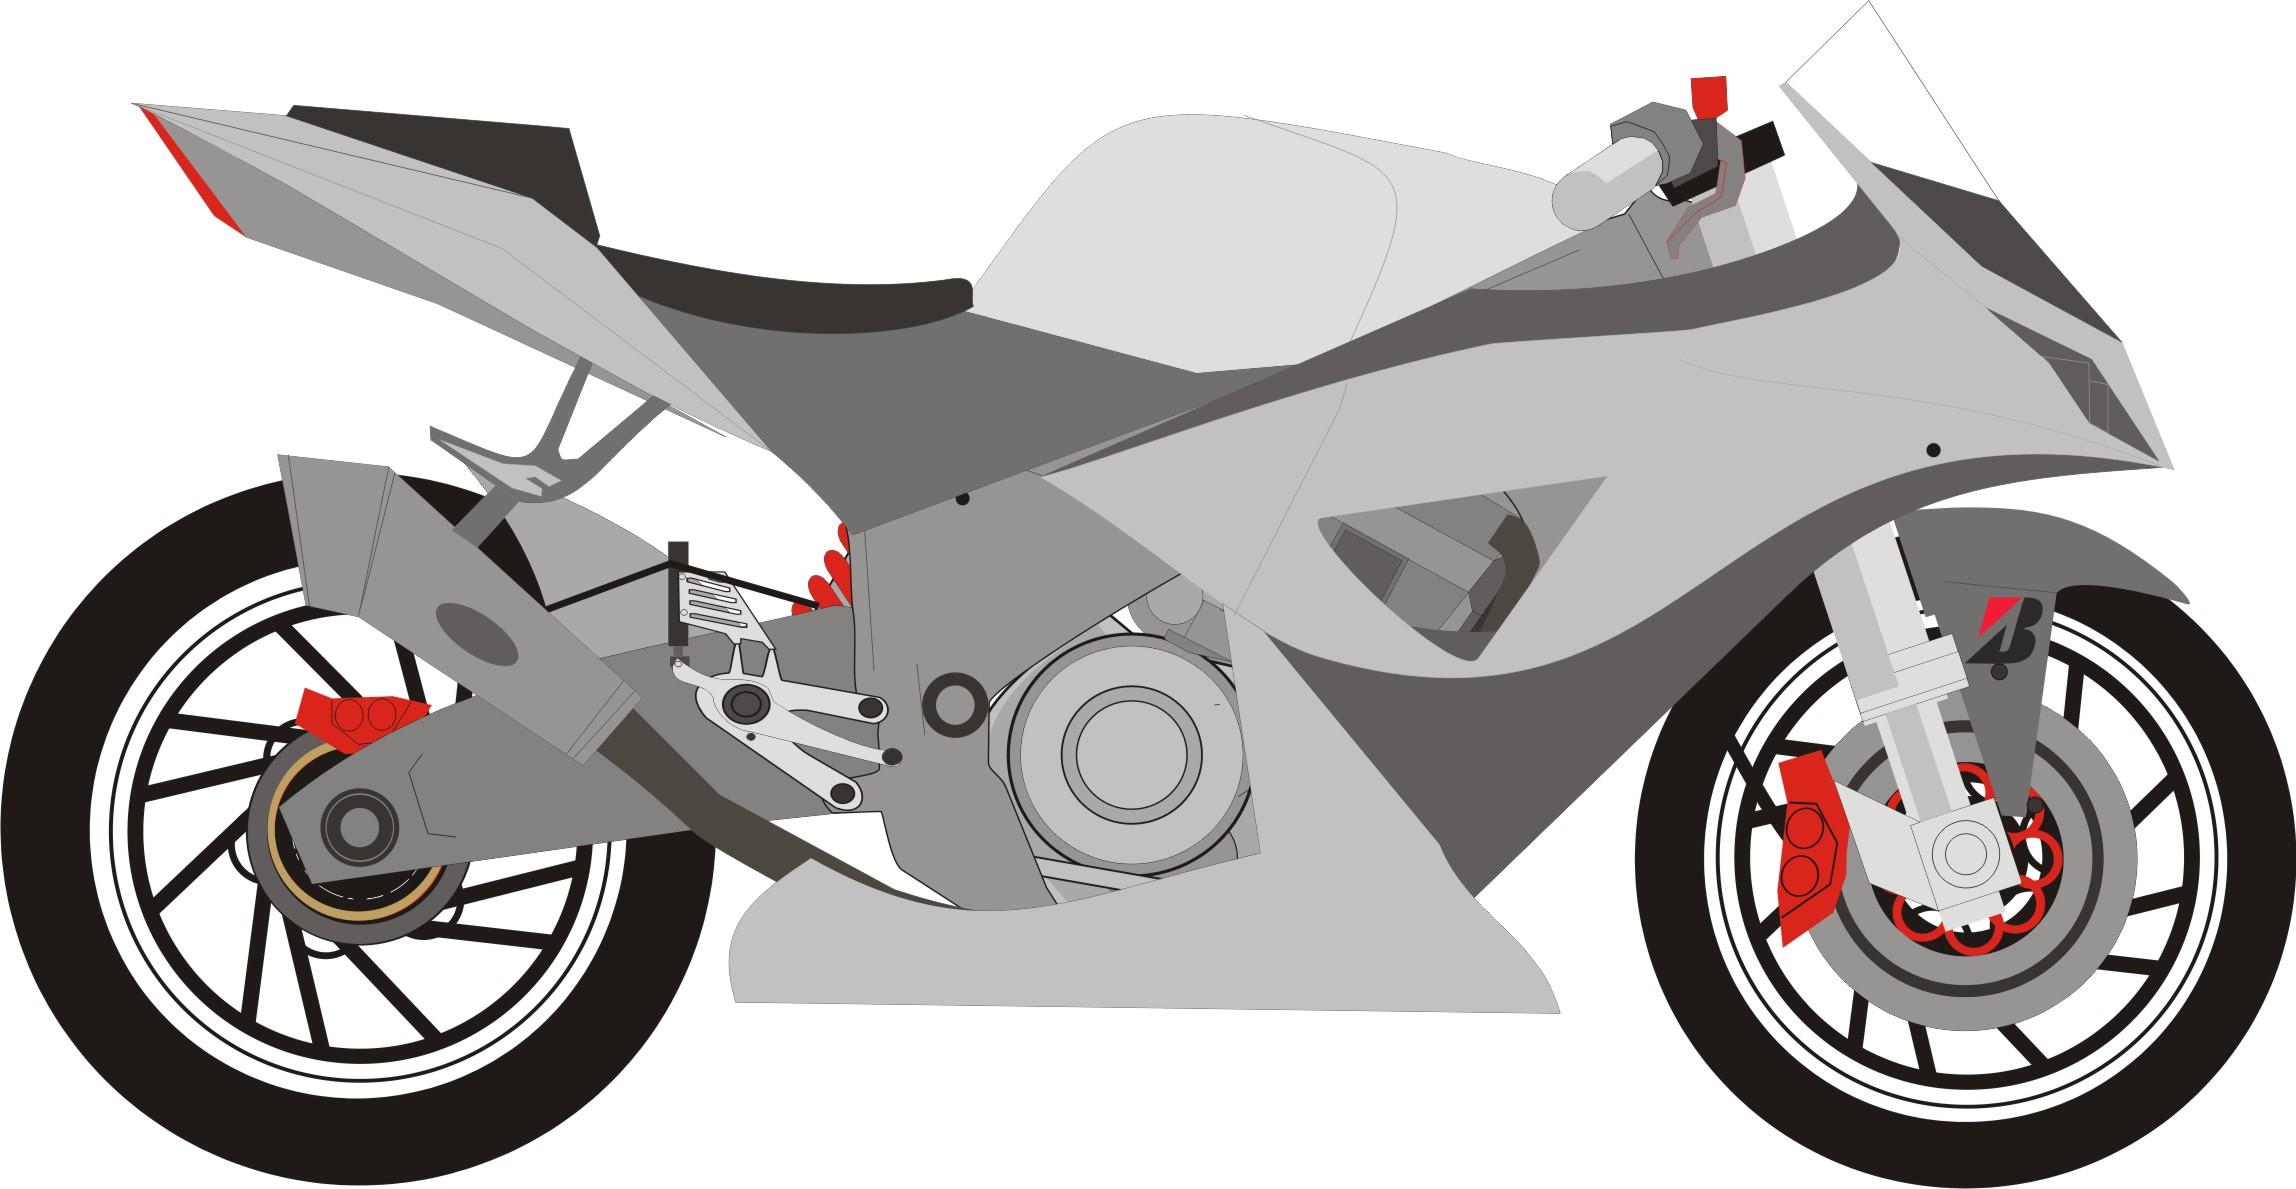 Koleksi Gambar Sketsa Motor Ninja Drag Terlengkap Dinding Motor